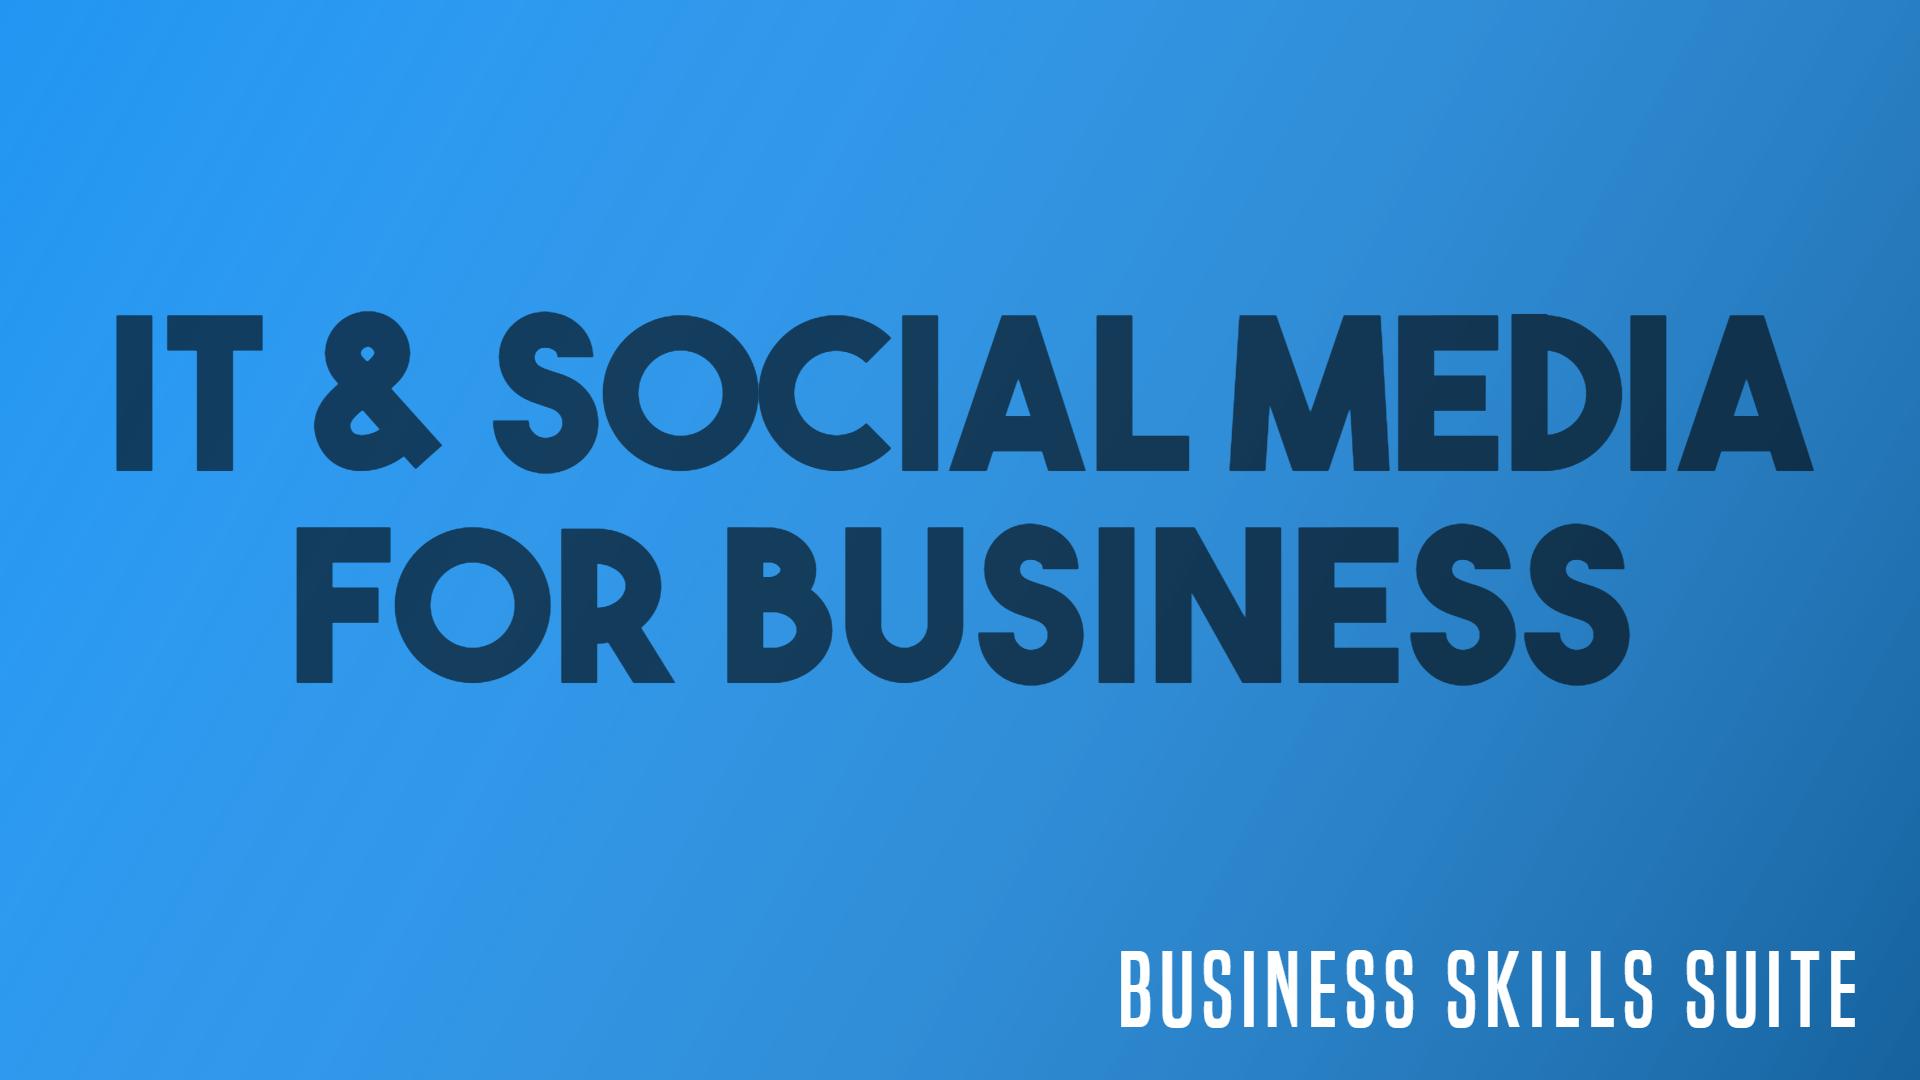 it & social media for business